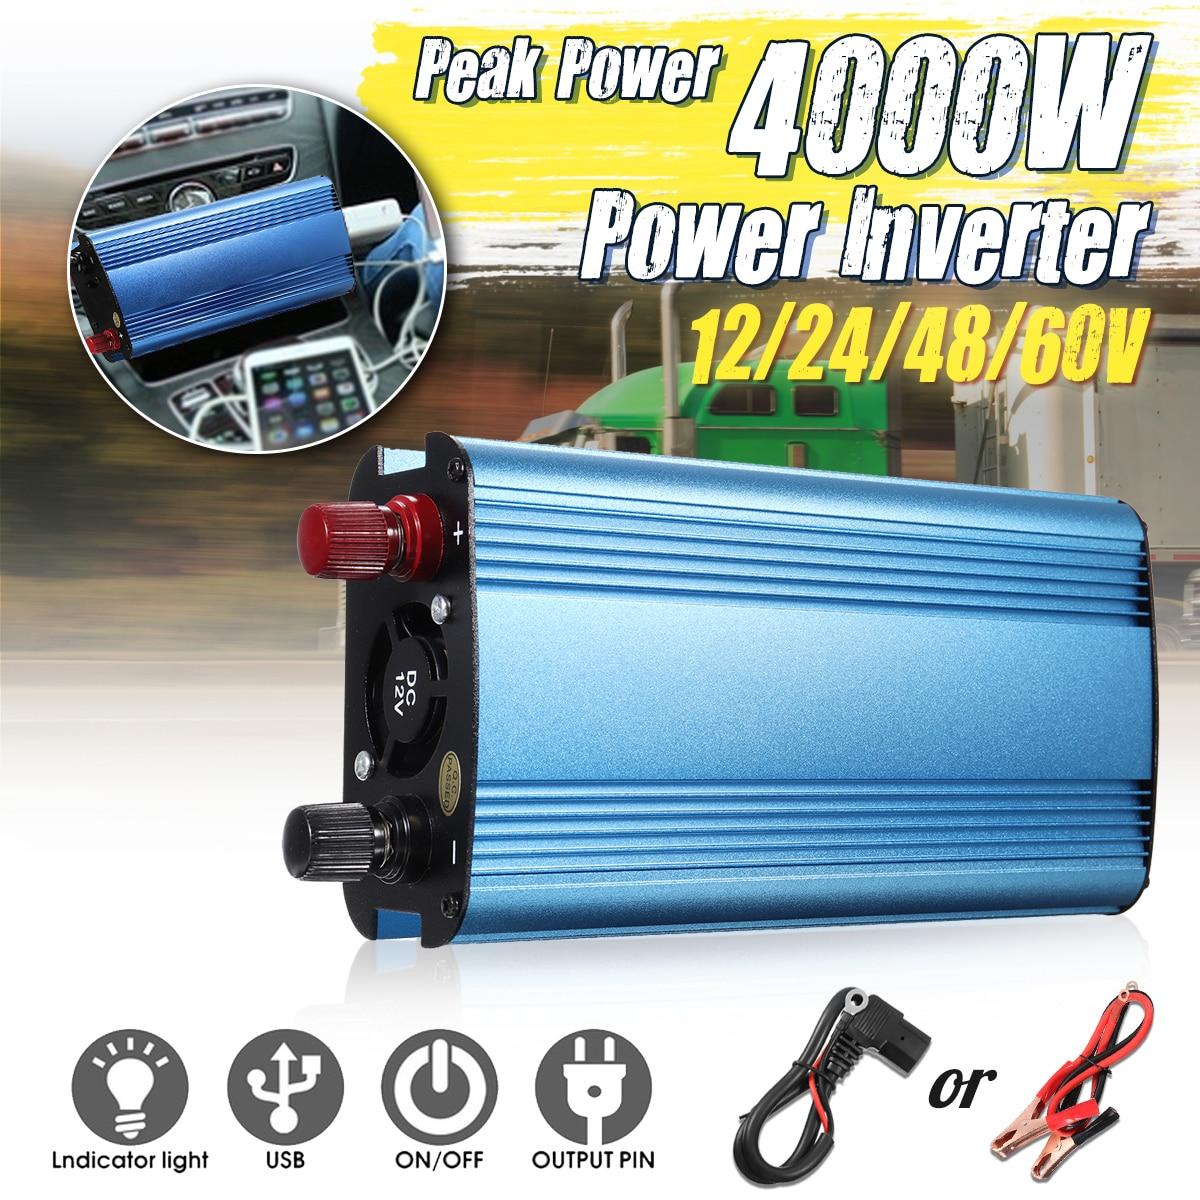 Inverter 6000W/5000W/4000W/3000W Pea k Power Inverter DC 12V/24V/48V/60V To AC 220V Sine Wave Solar Inverter Voltage Transformer 3000w peak 6000w solar power inverter dc 12v to ac 240v sine wave car home inverter voltage transformer convertor